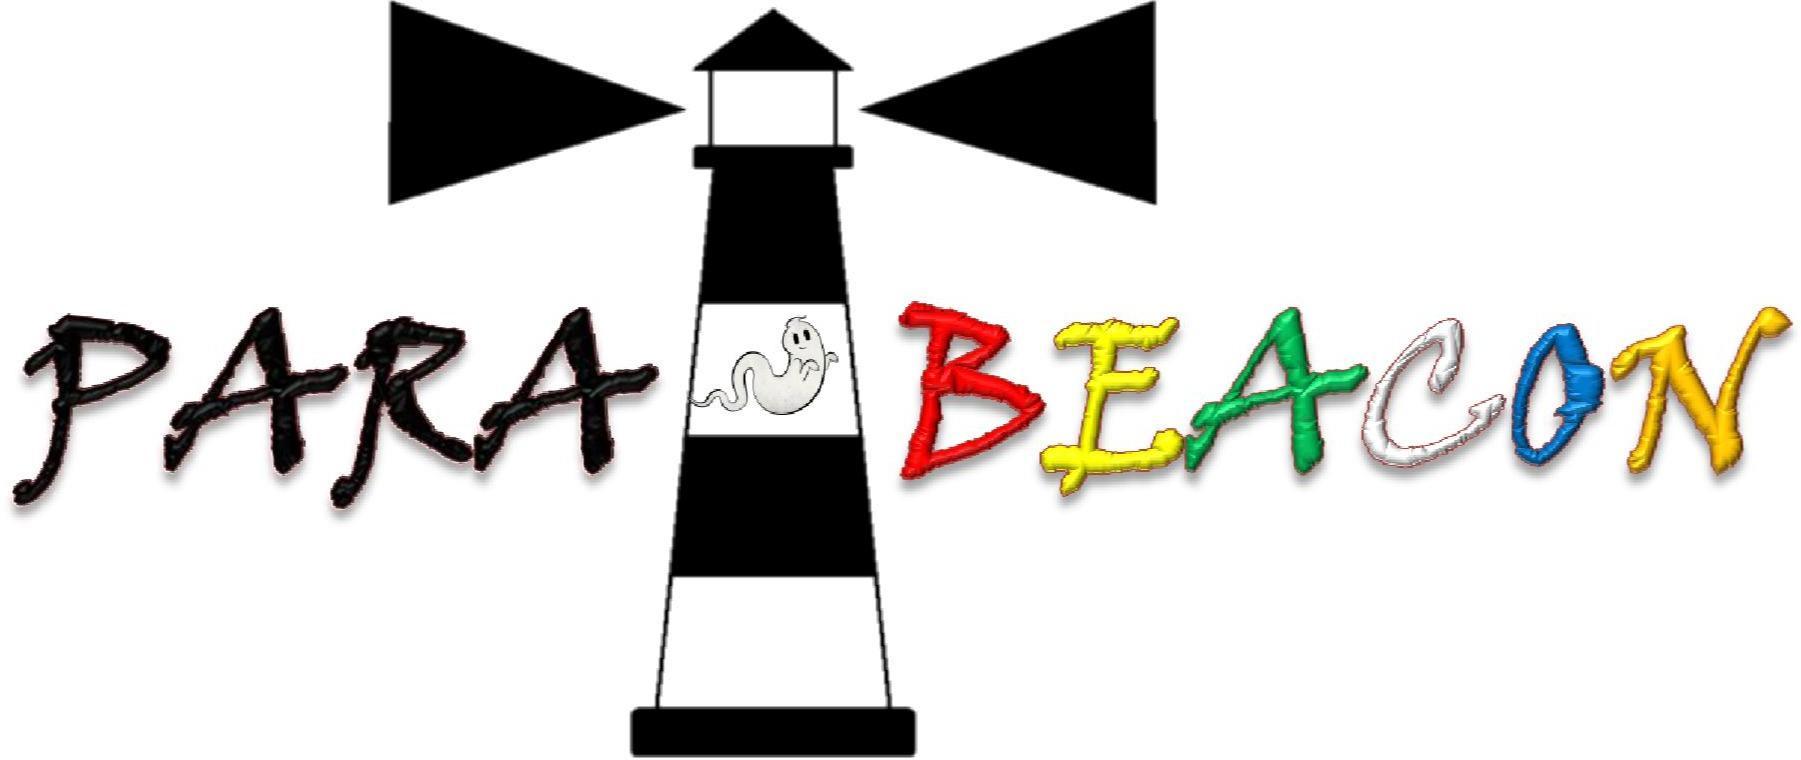 para-beacon-logo.jpg